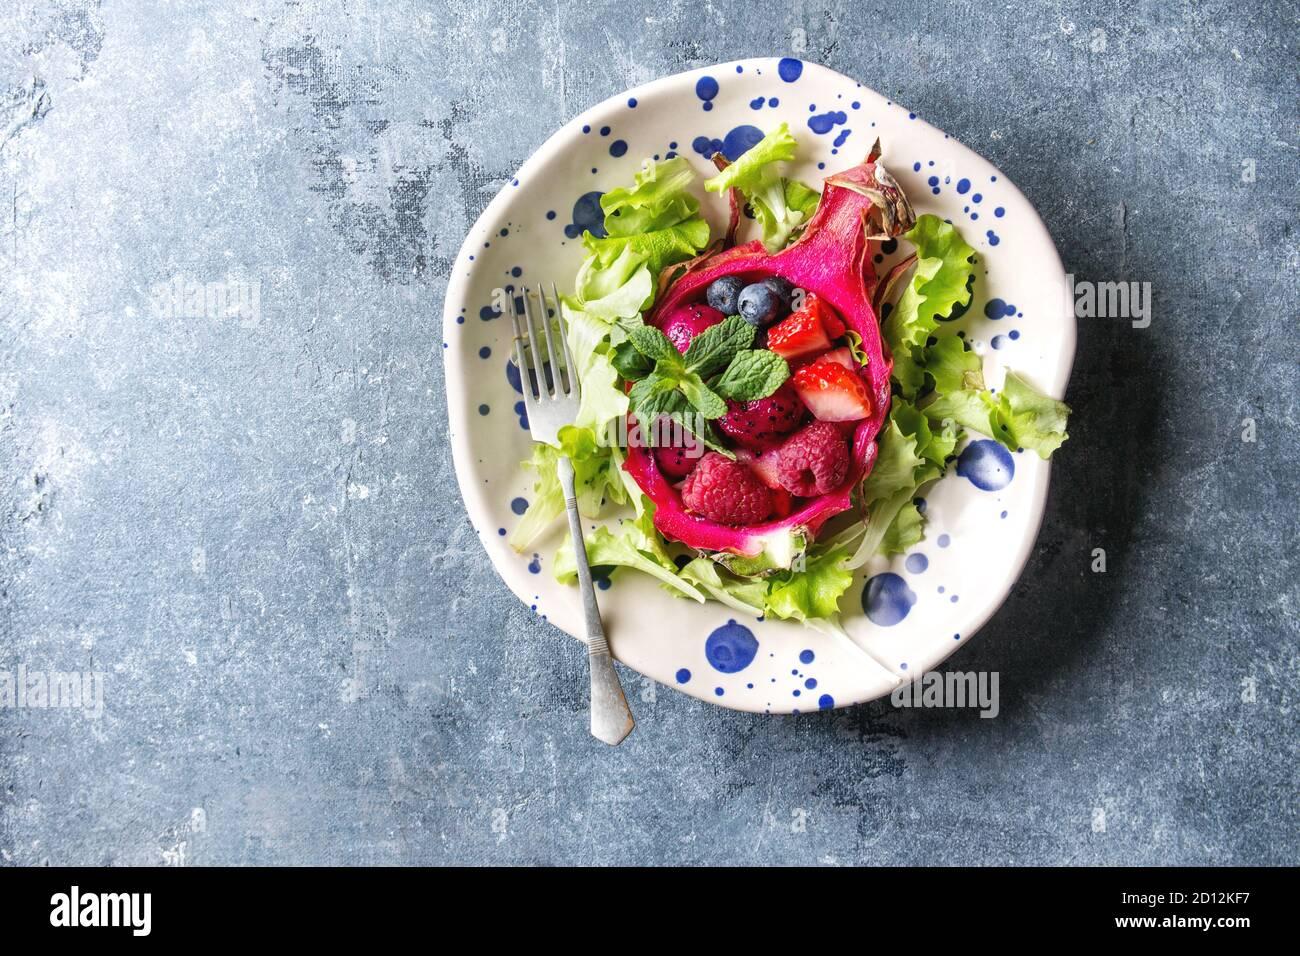 Ensalada de frutas veganas con bayas, ensalada verde y menta servida en fruta de dragón rosa en placa de cerámica manchada sobre fondo de textura azul. Vista superior, copiar Foto de stock